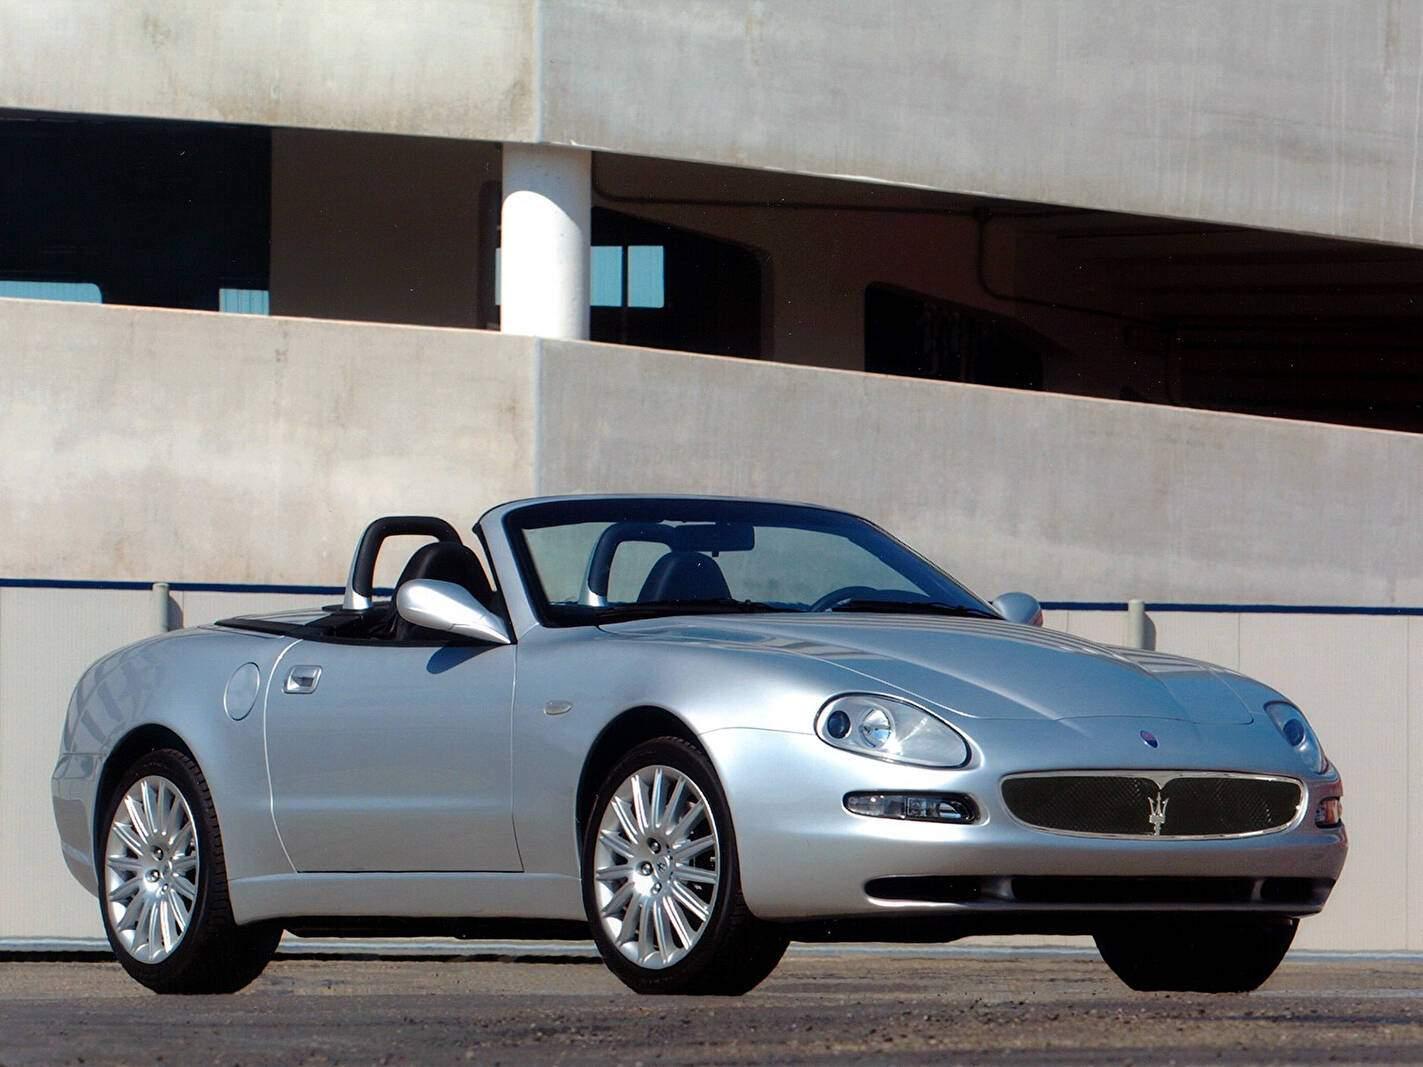 Fiche technique Maserati Spyder (2001-2007)